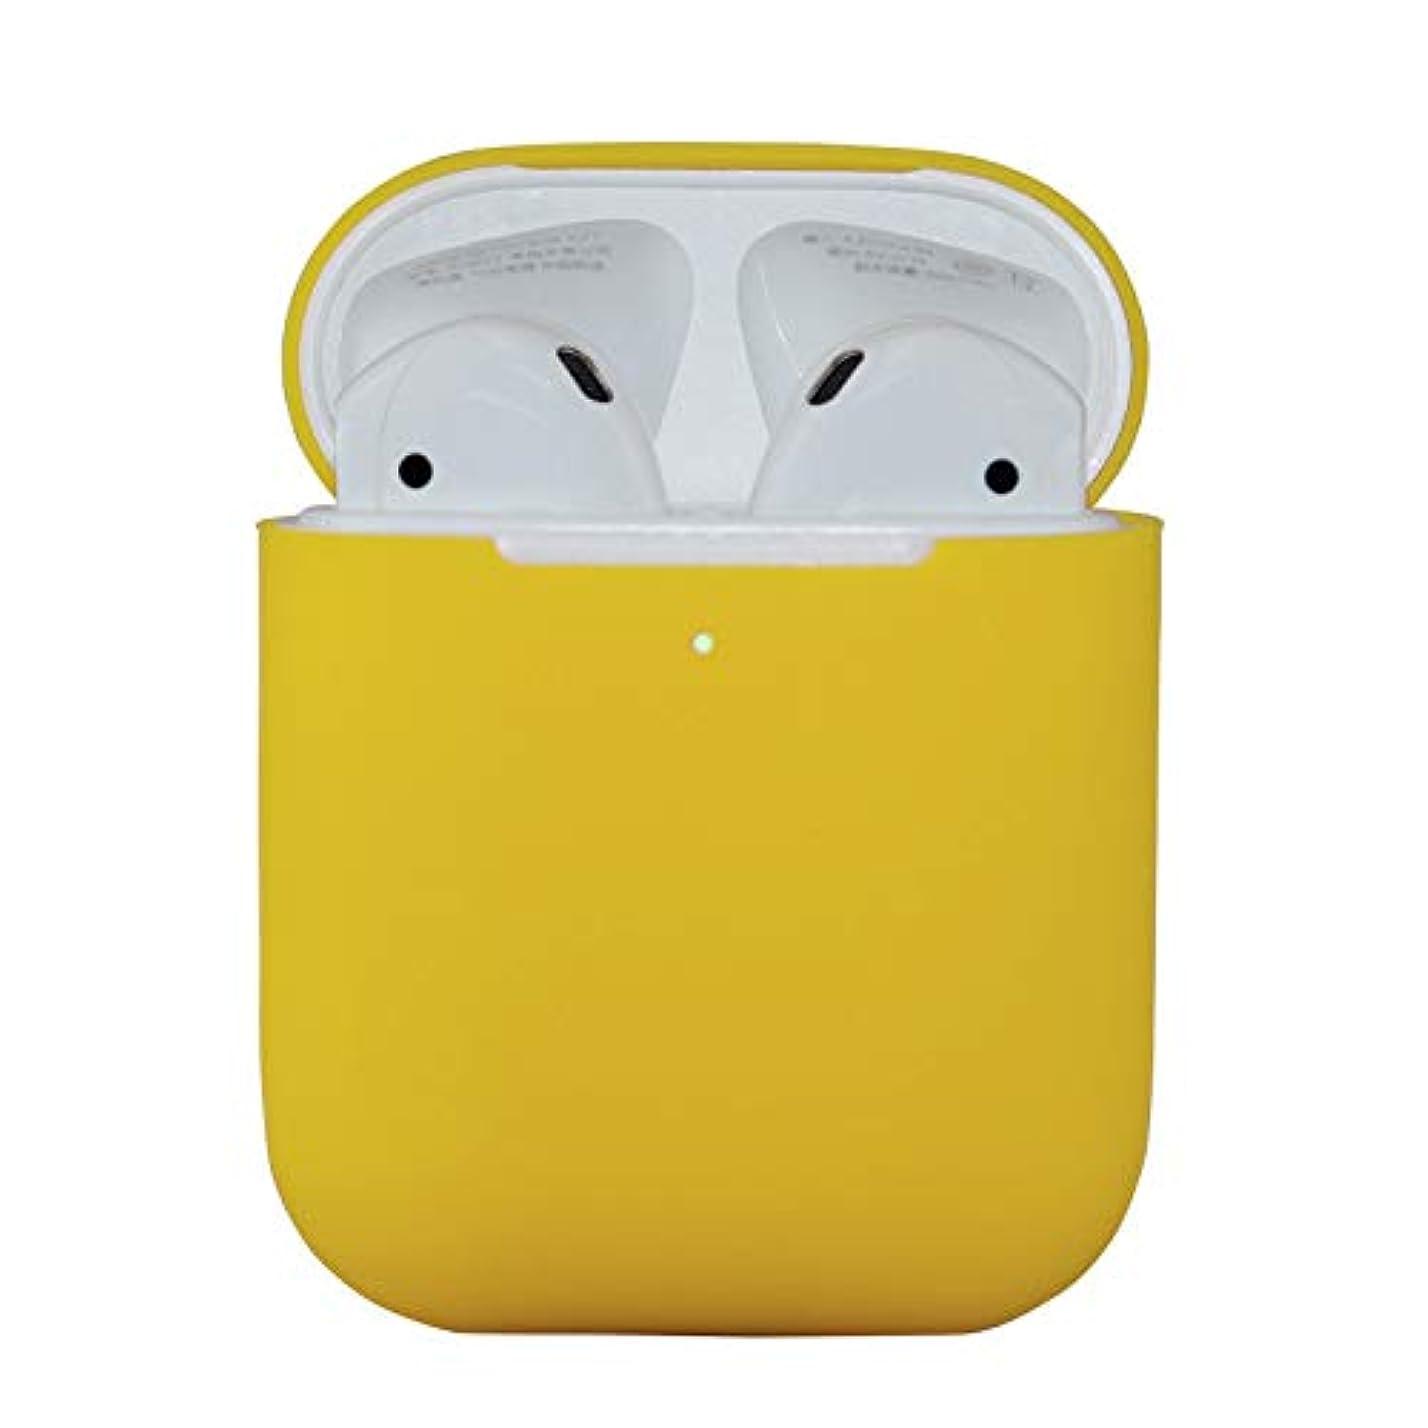 シングルカーテン負airpods カバーairpodsケース airpods ケース かわいいAirPods充電ケ一ス用スポ一ツストされます シリコンケース耐衝撃落下保護カバー1代目と2代目が適用(卵黄)